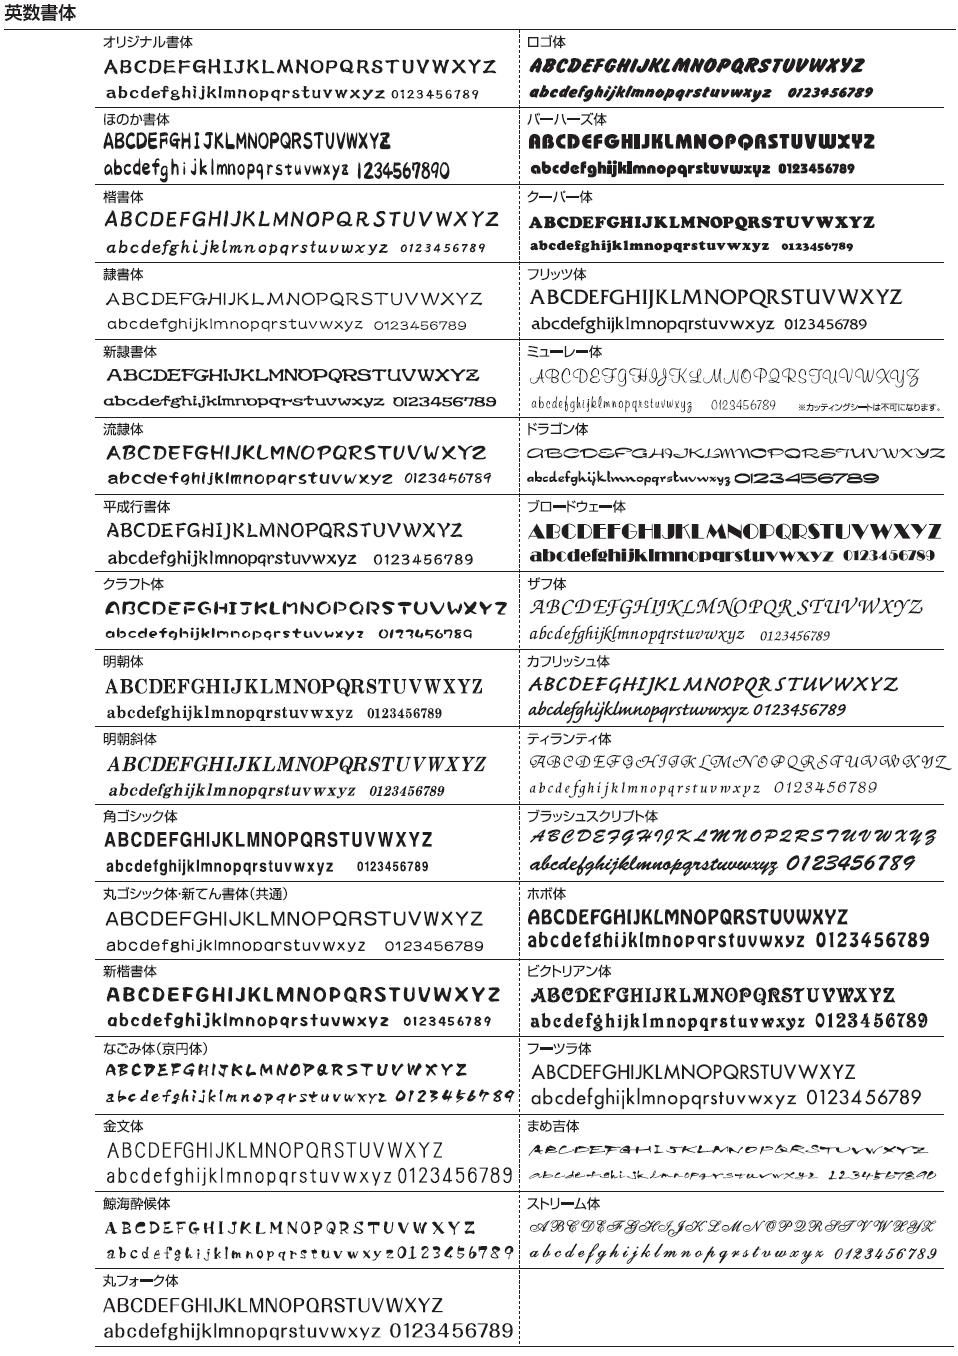 丸三タカギ ローマ字(英数書体)画像